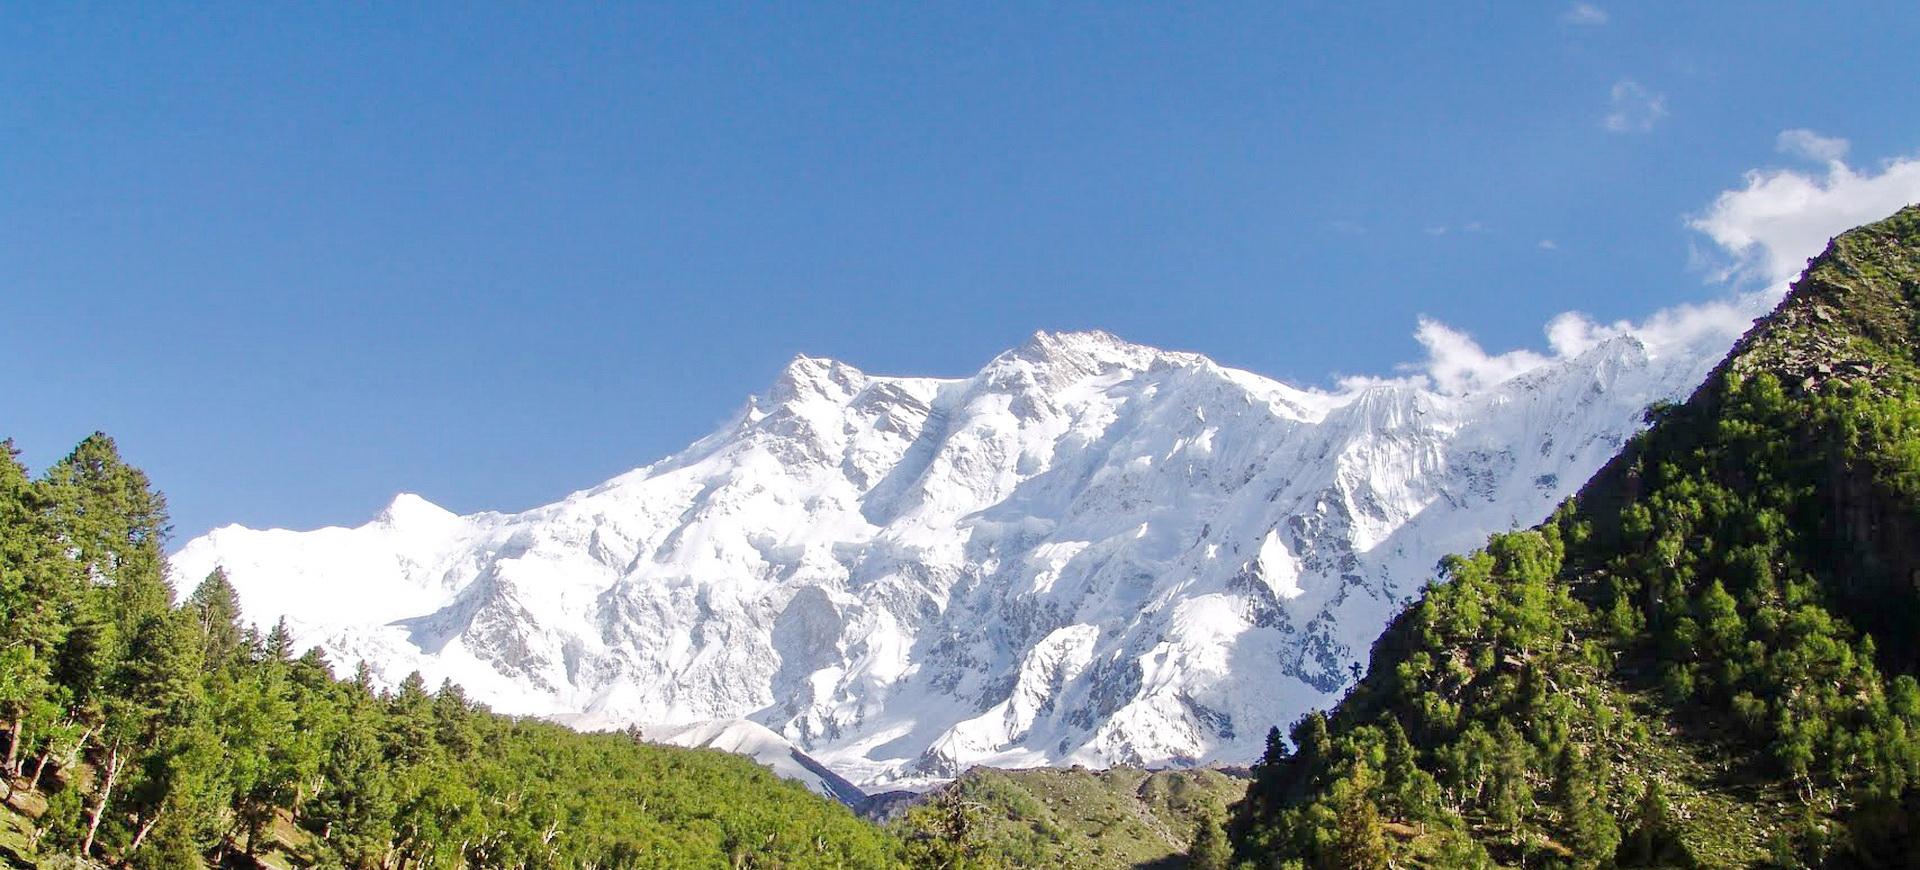 Royaume de Hunza et Glacier de Hopper au nord du Pakistan